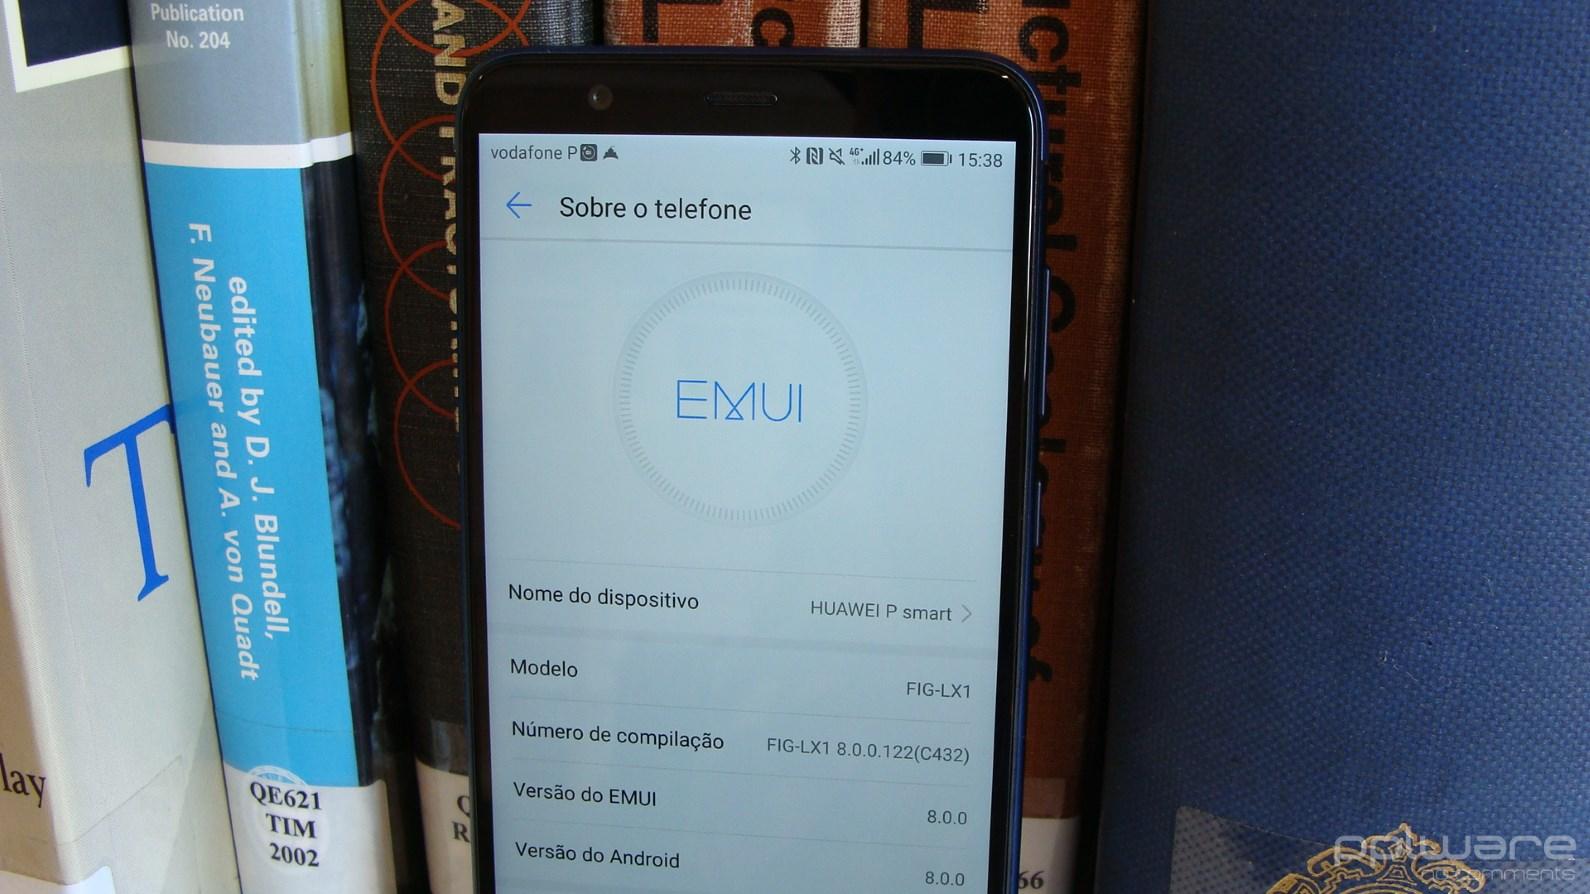 f21080f500 ... as atualizações de segurança estão em dia. Será expectável que receba a  atualização para a próxima versão do Android